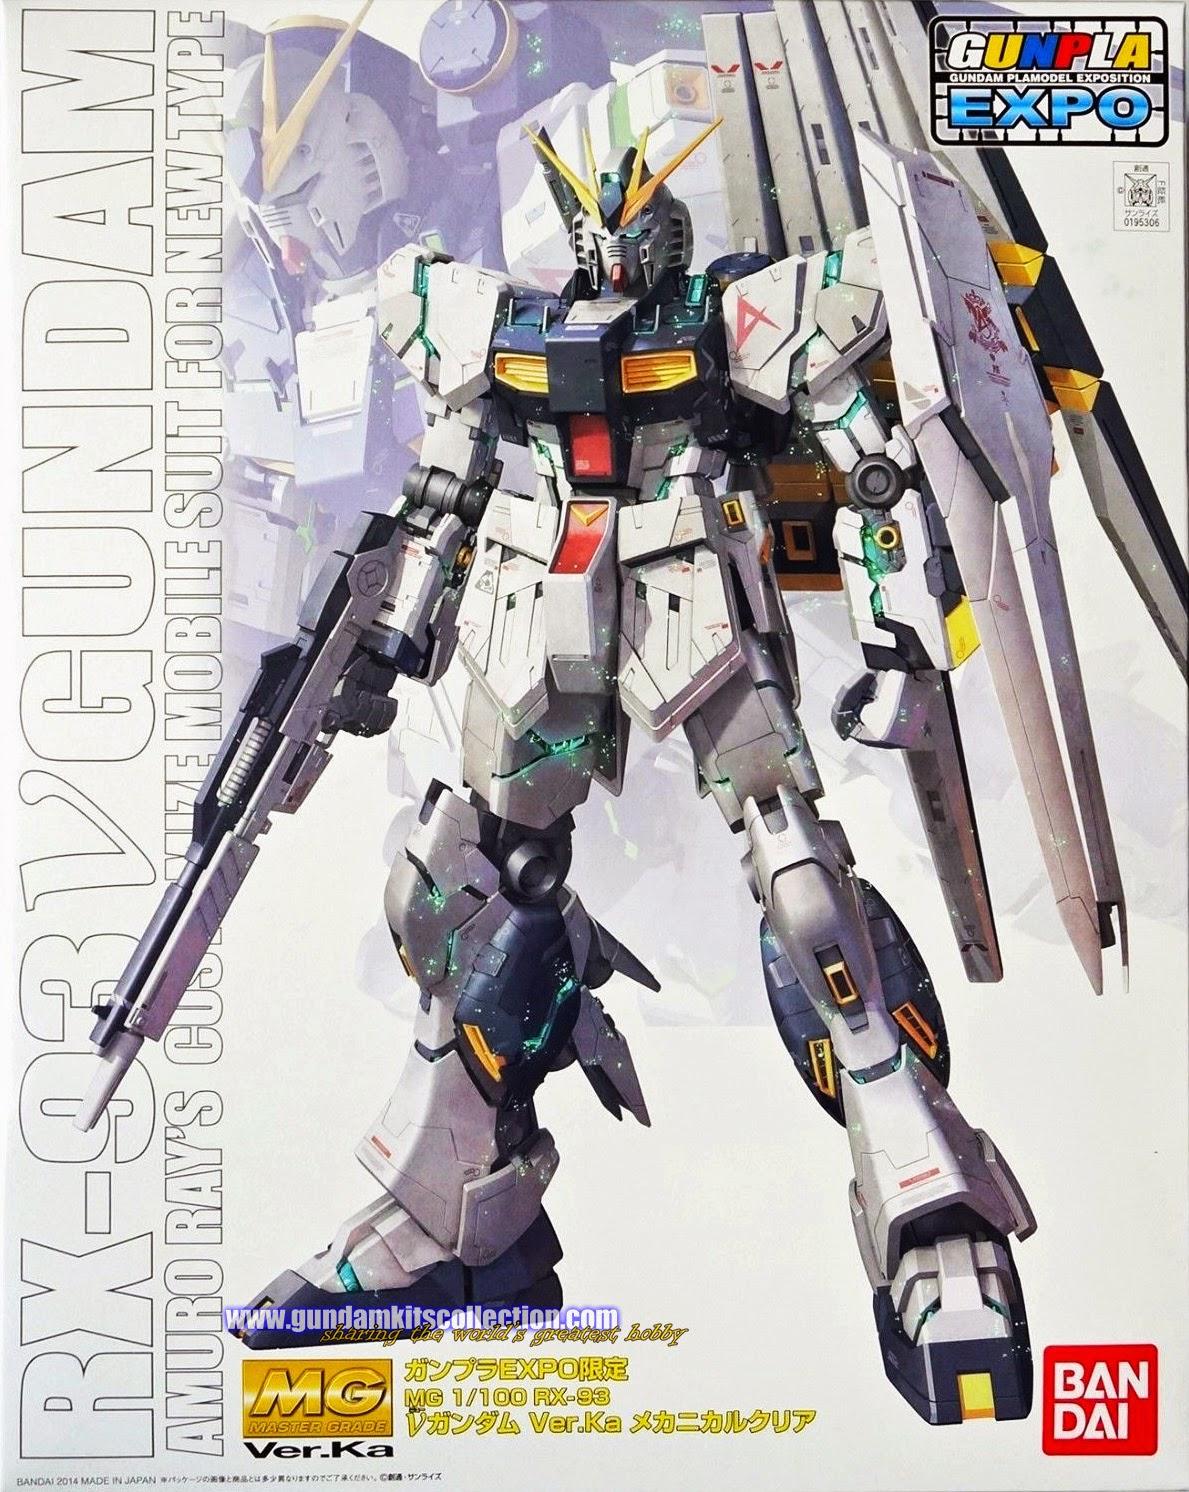 EXPO MG 1/100 RX-93 Nu Gundam Ver.Ka (Mechanical Clear Version) with Real Kawaguchi Signature